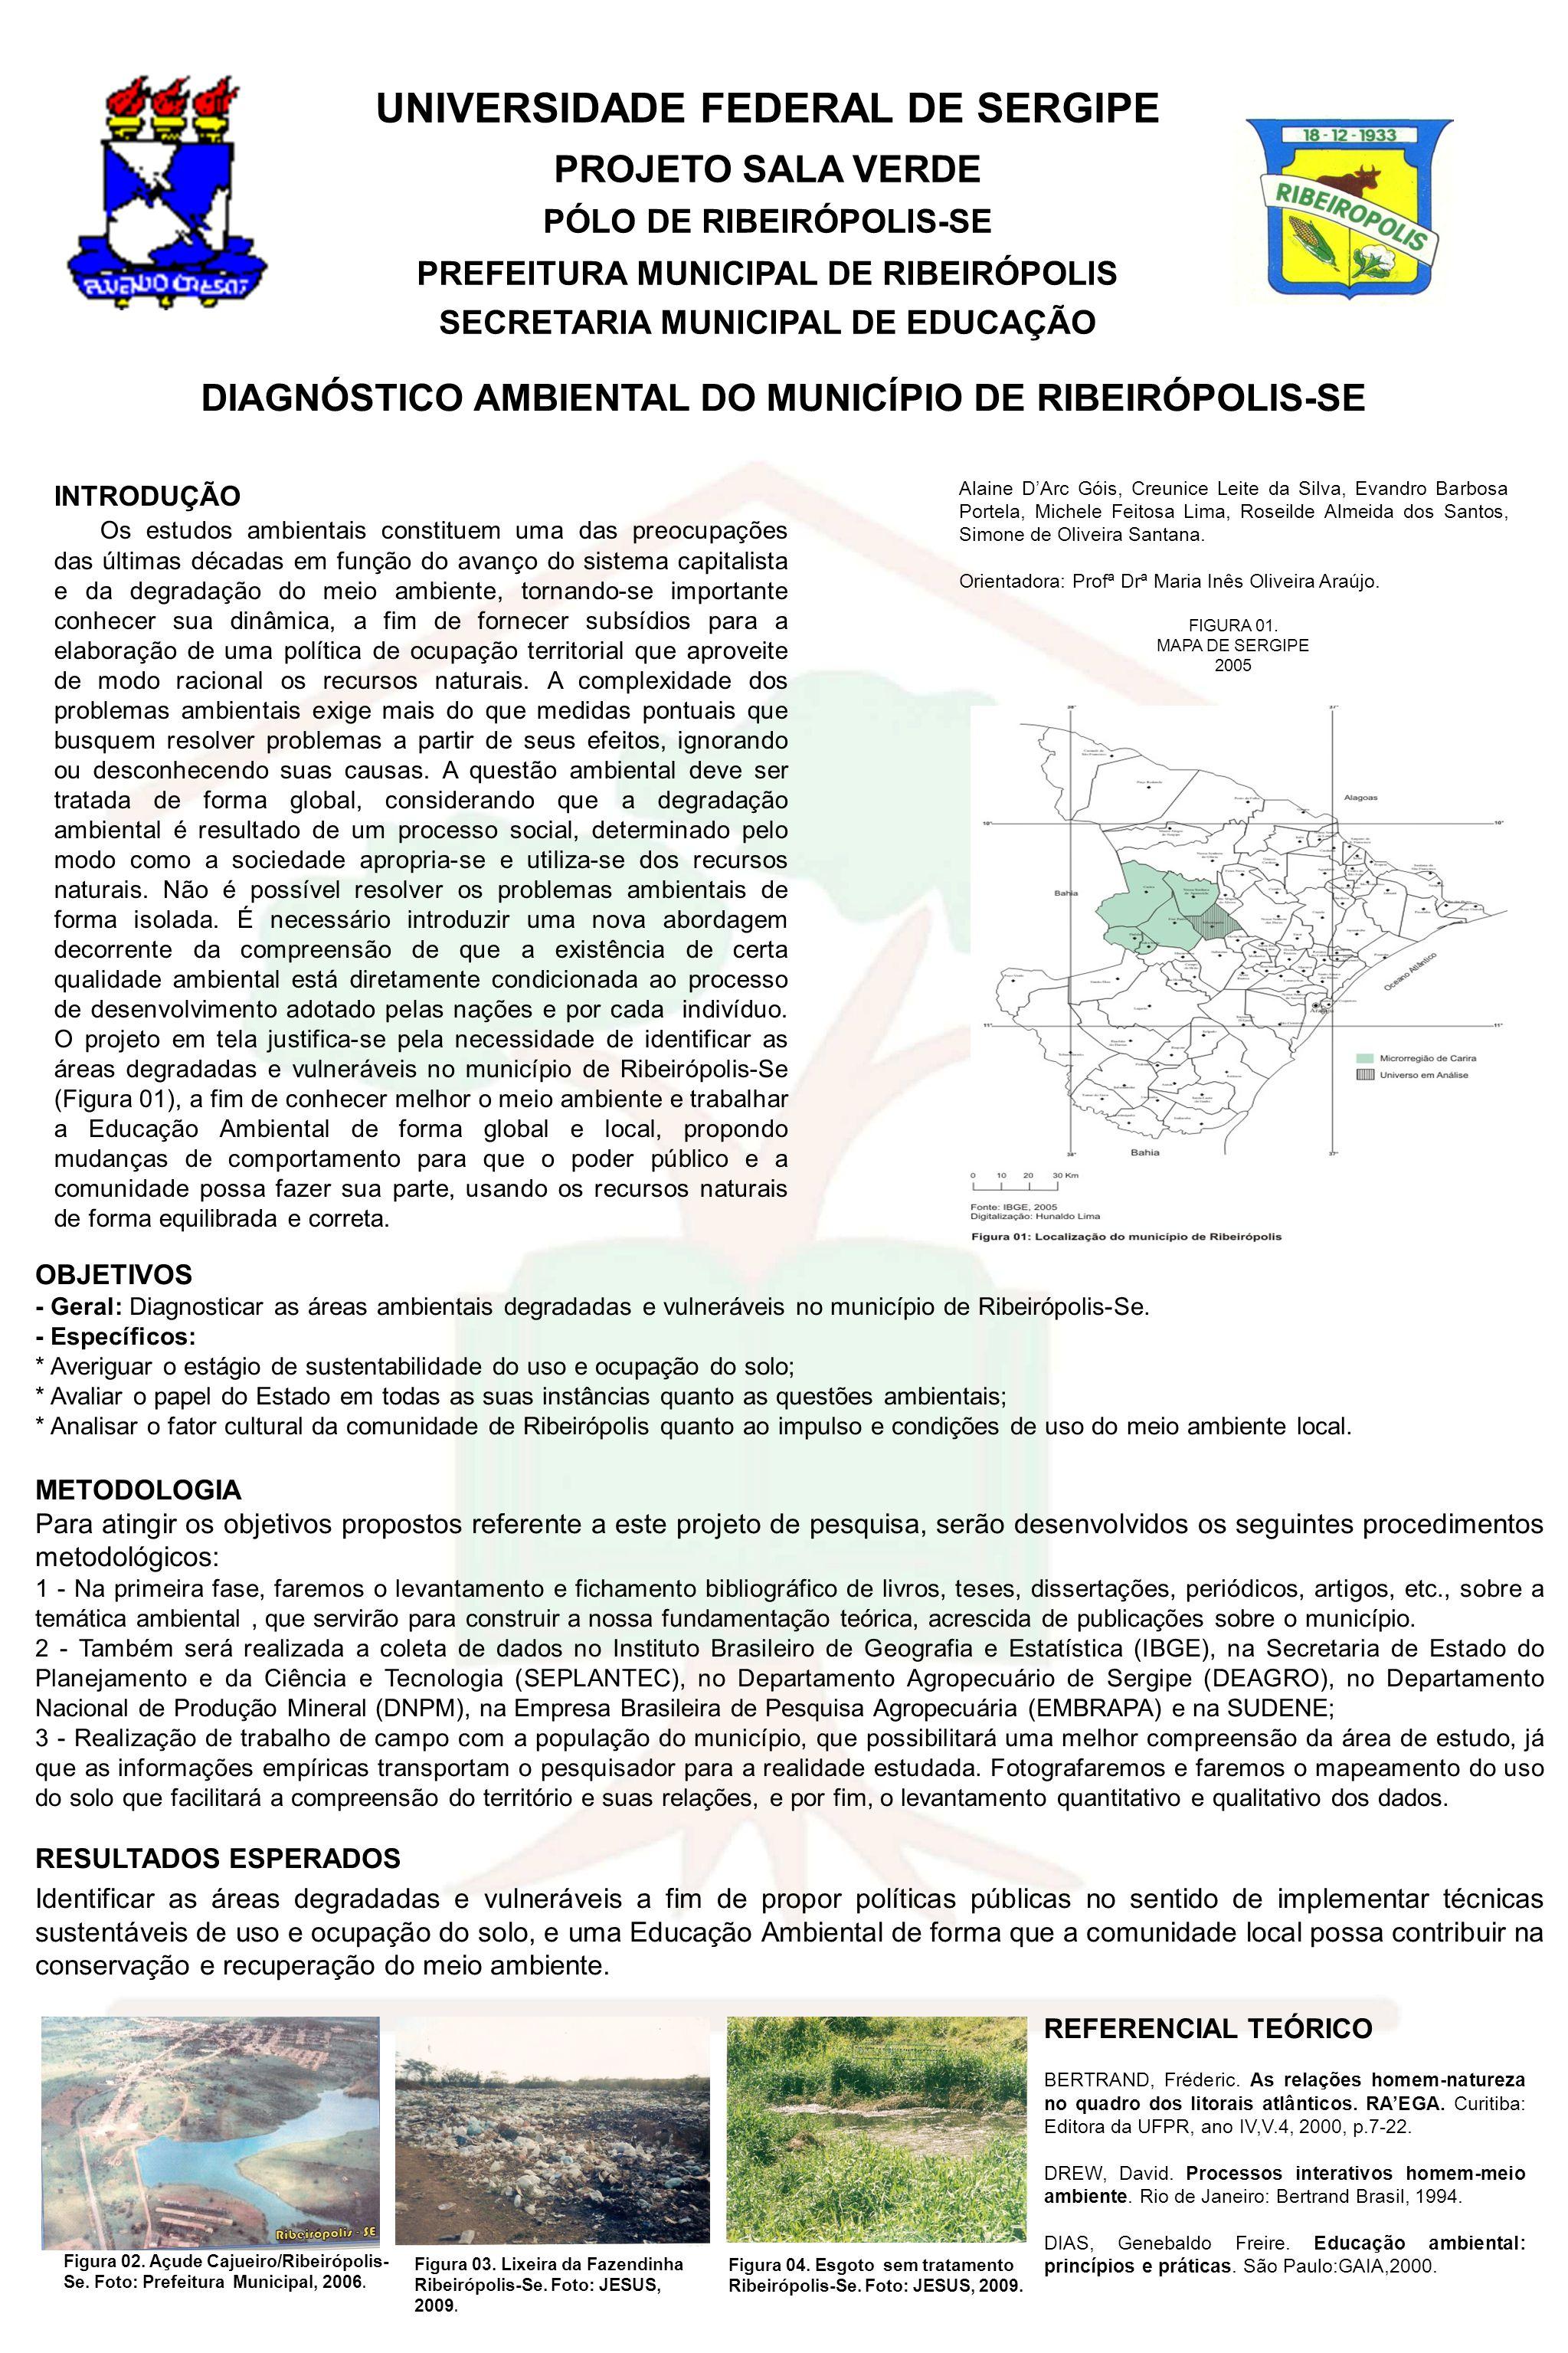 UNIVERSIDADE FEDERAL DE SERGIPE PROJETO SALA VERDE